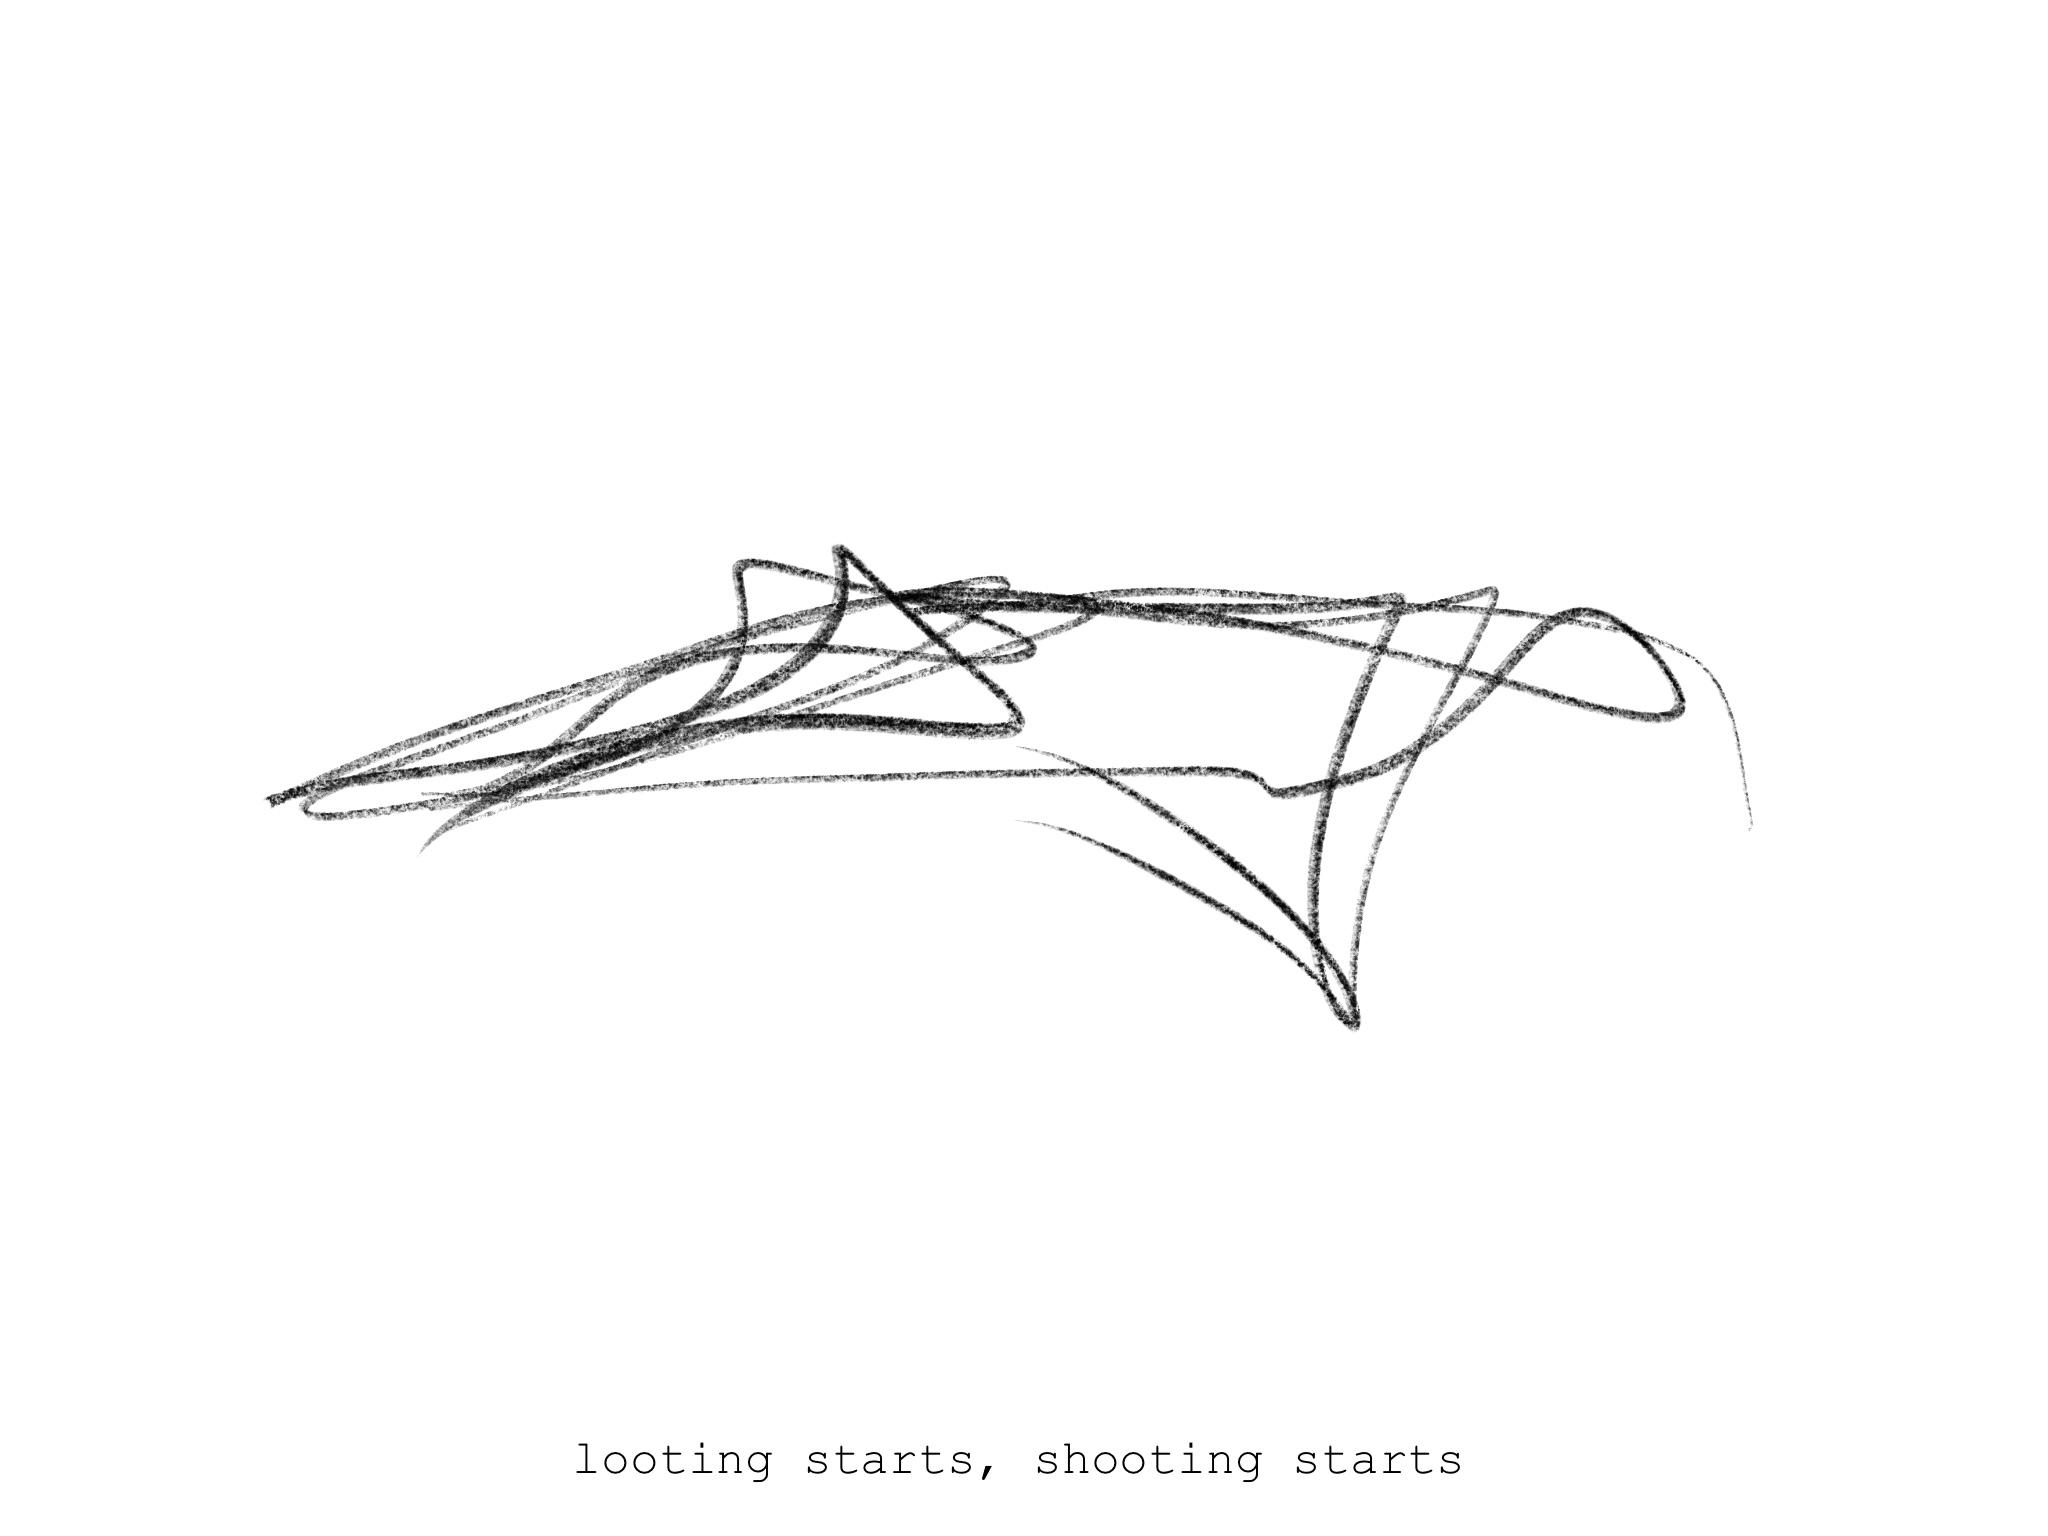 Looting Shooting